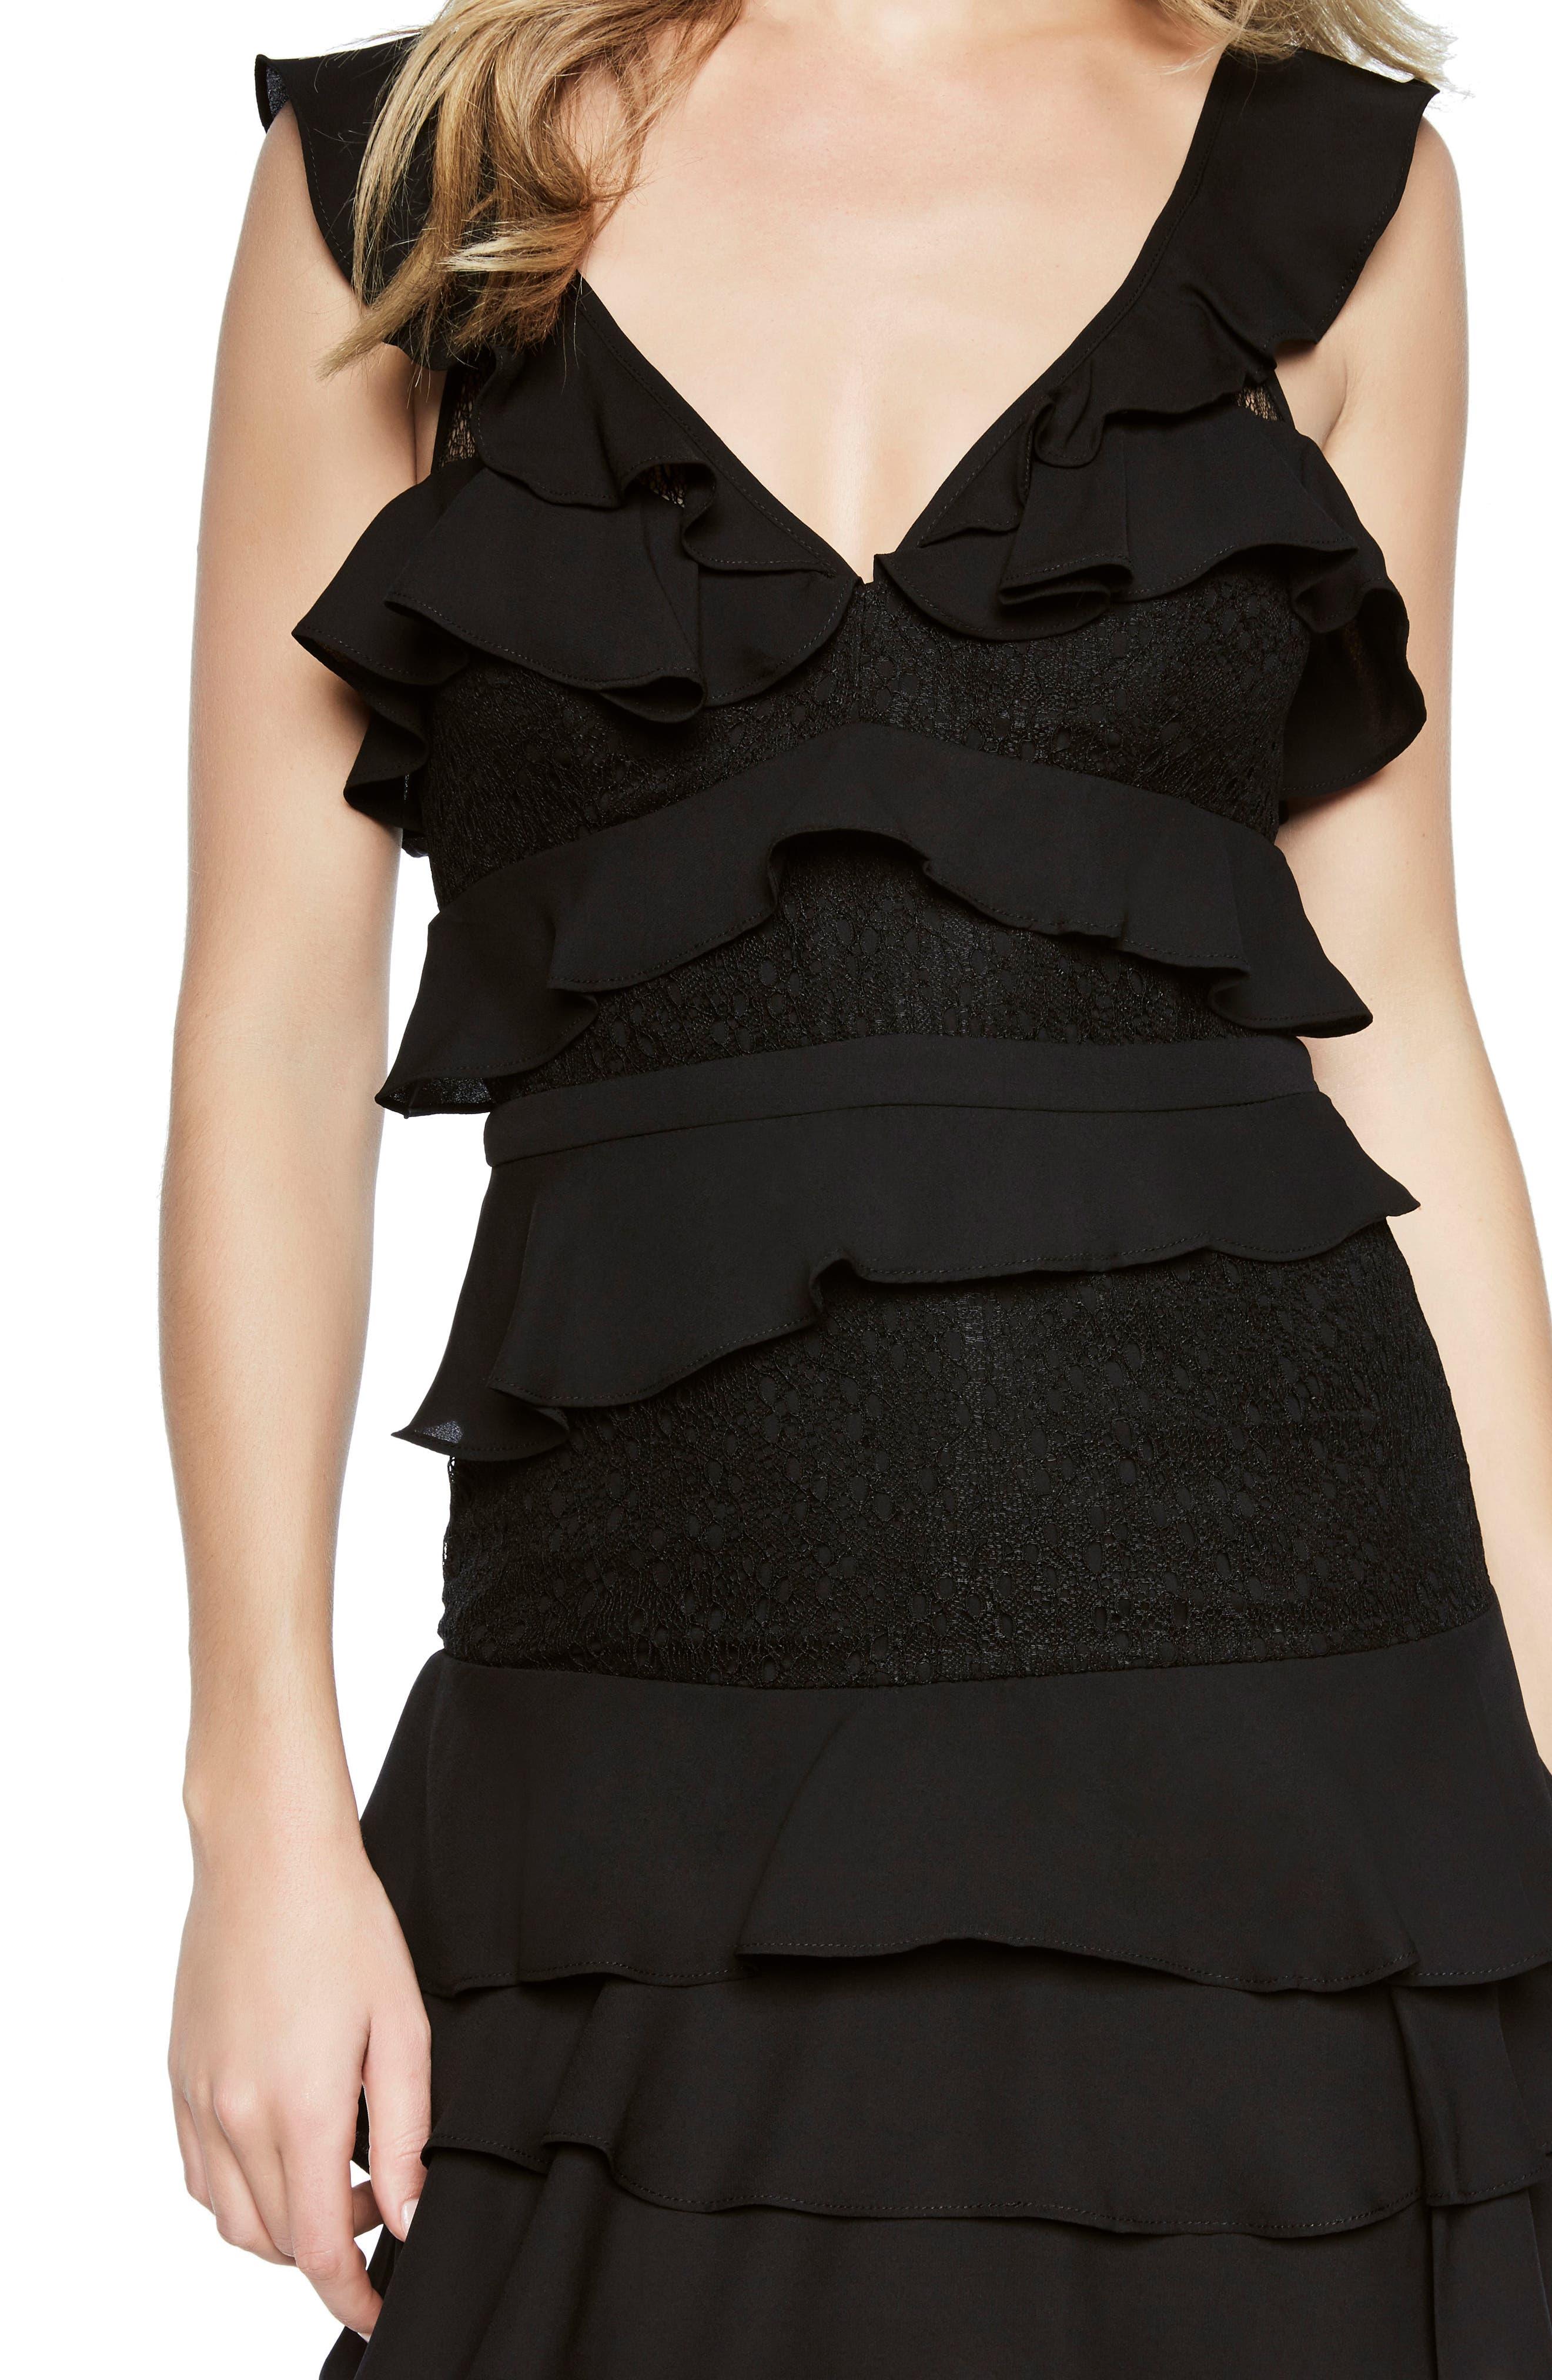 Babylon Ruffle Lace Minidress,                             Alternate thumbnail 4, color,                             Black